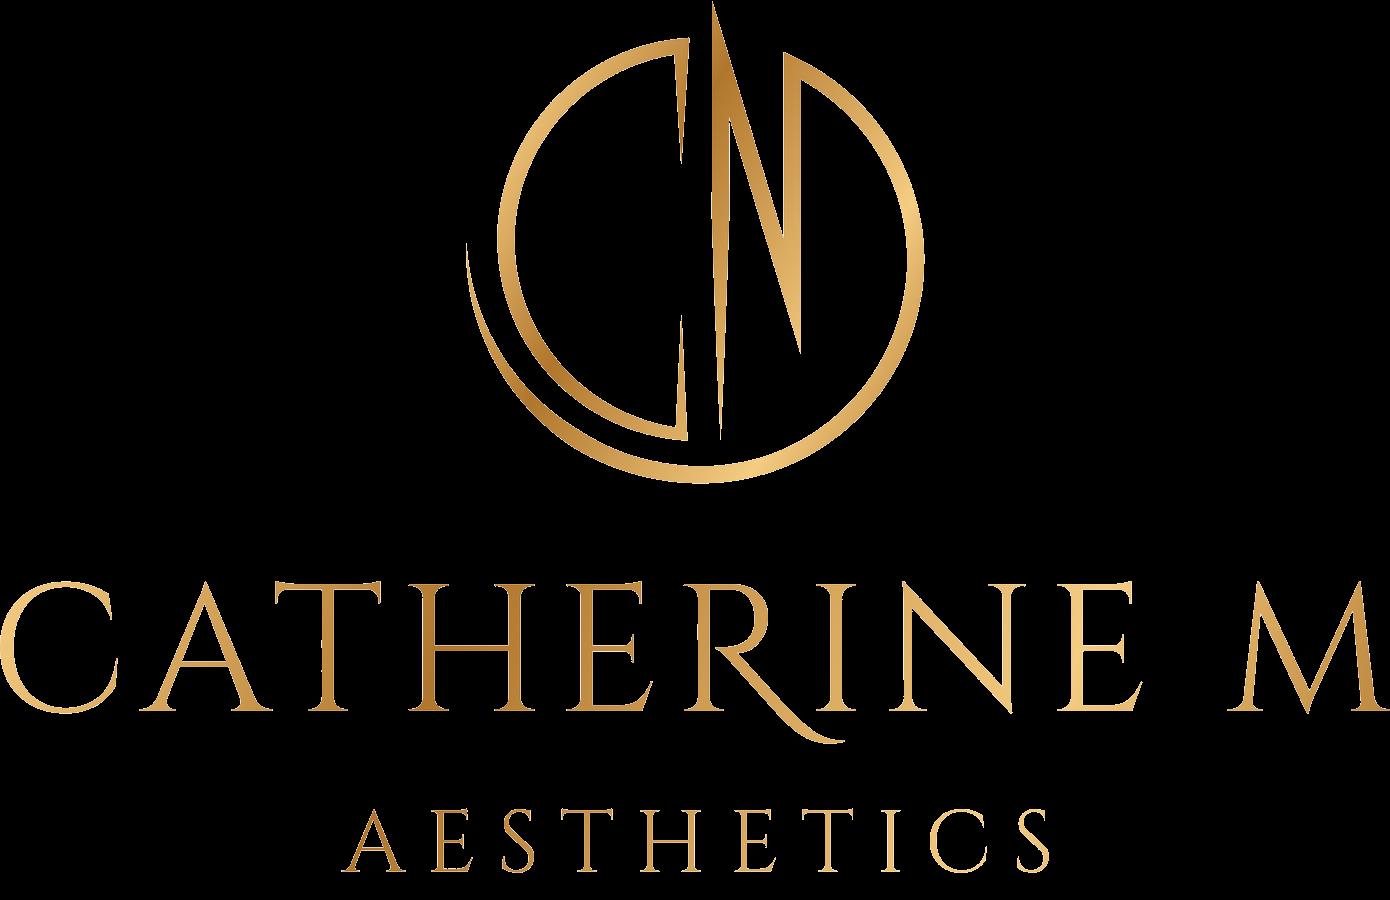 Catherine M Aesthetics Logo